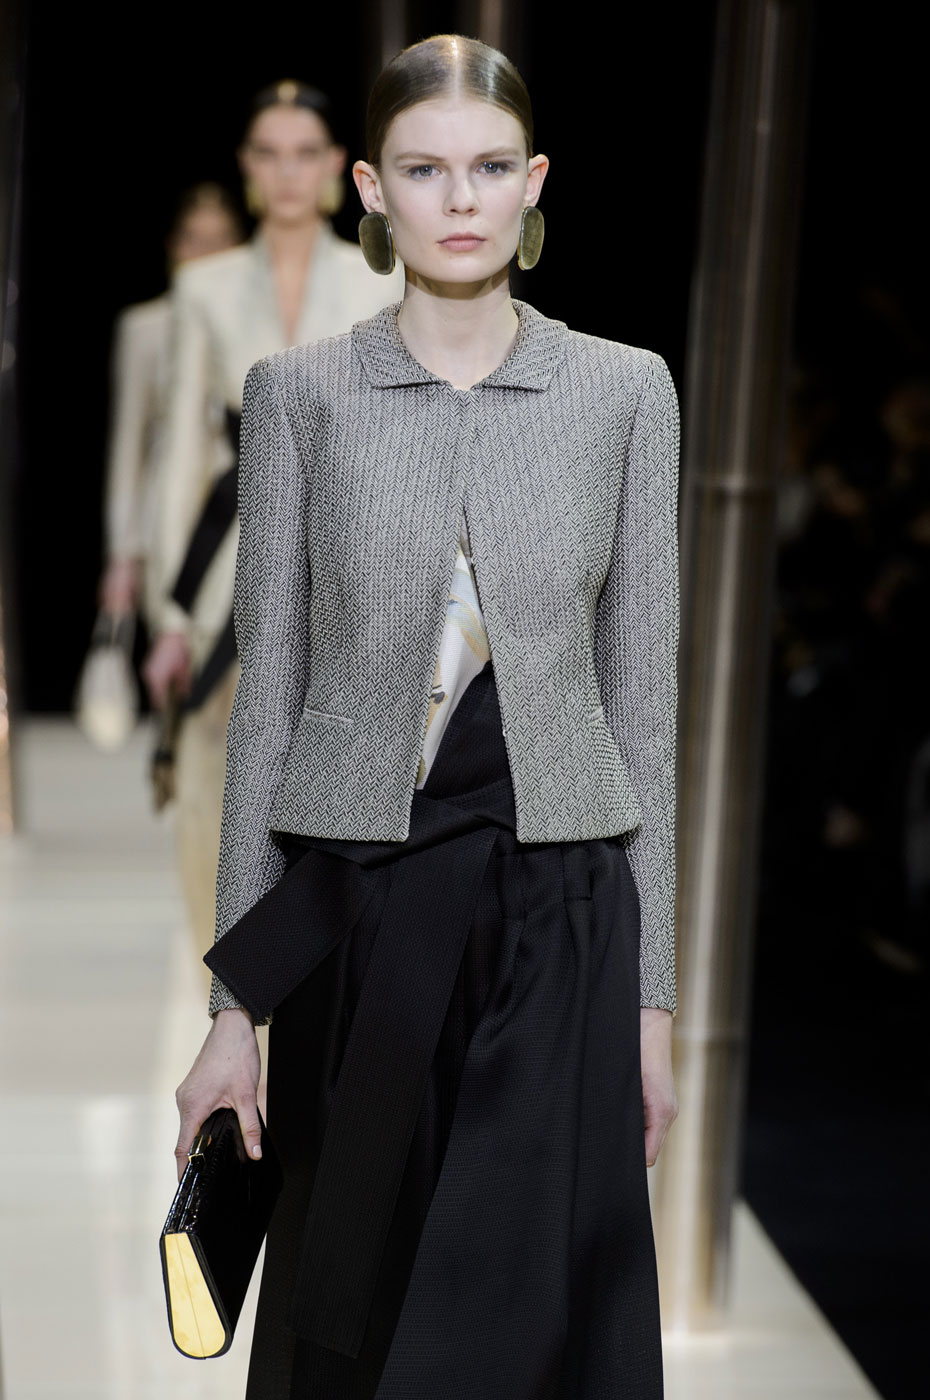 Giorgio-armani-Prive-fashion-runway-show-haute-couture-paris-spring-2015-the-impression-016